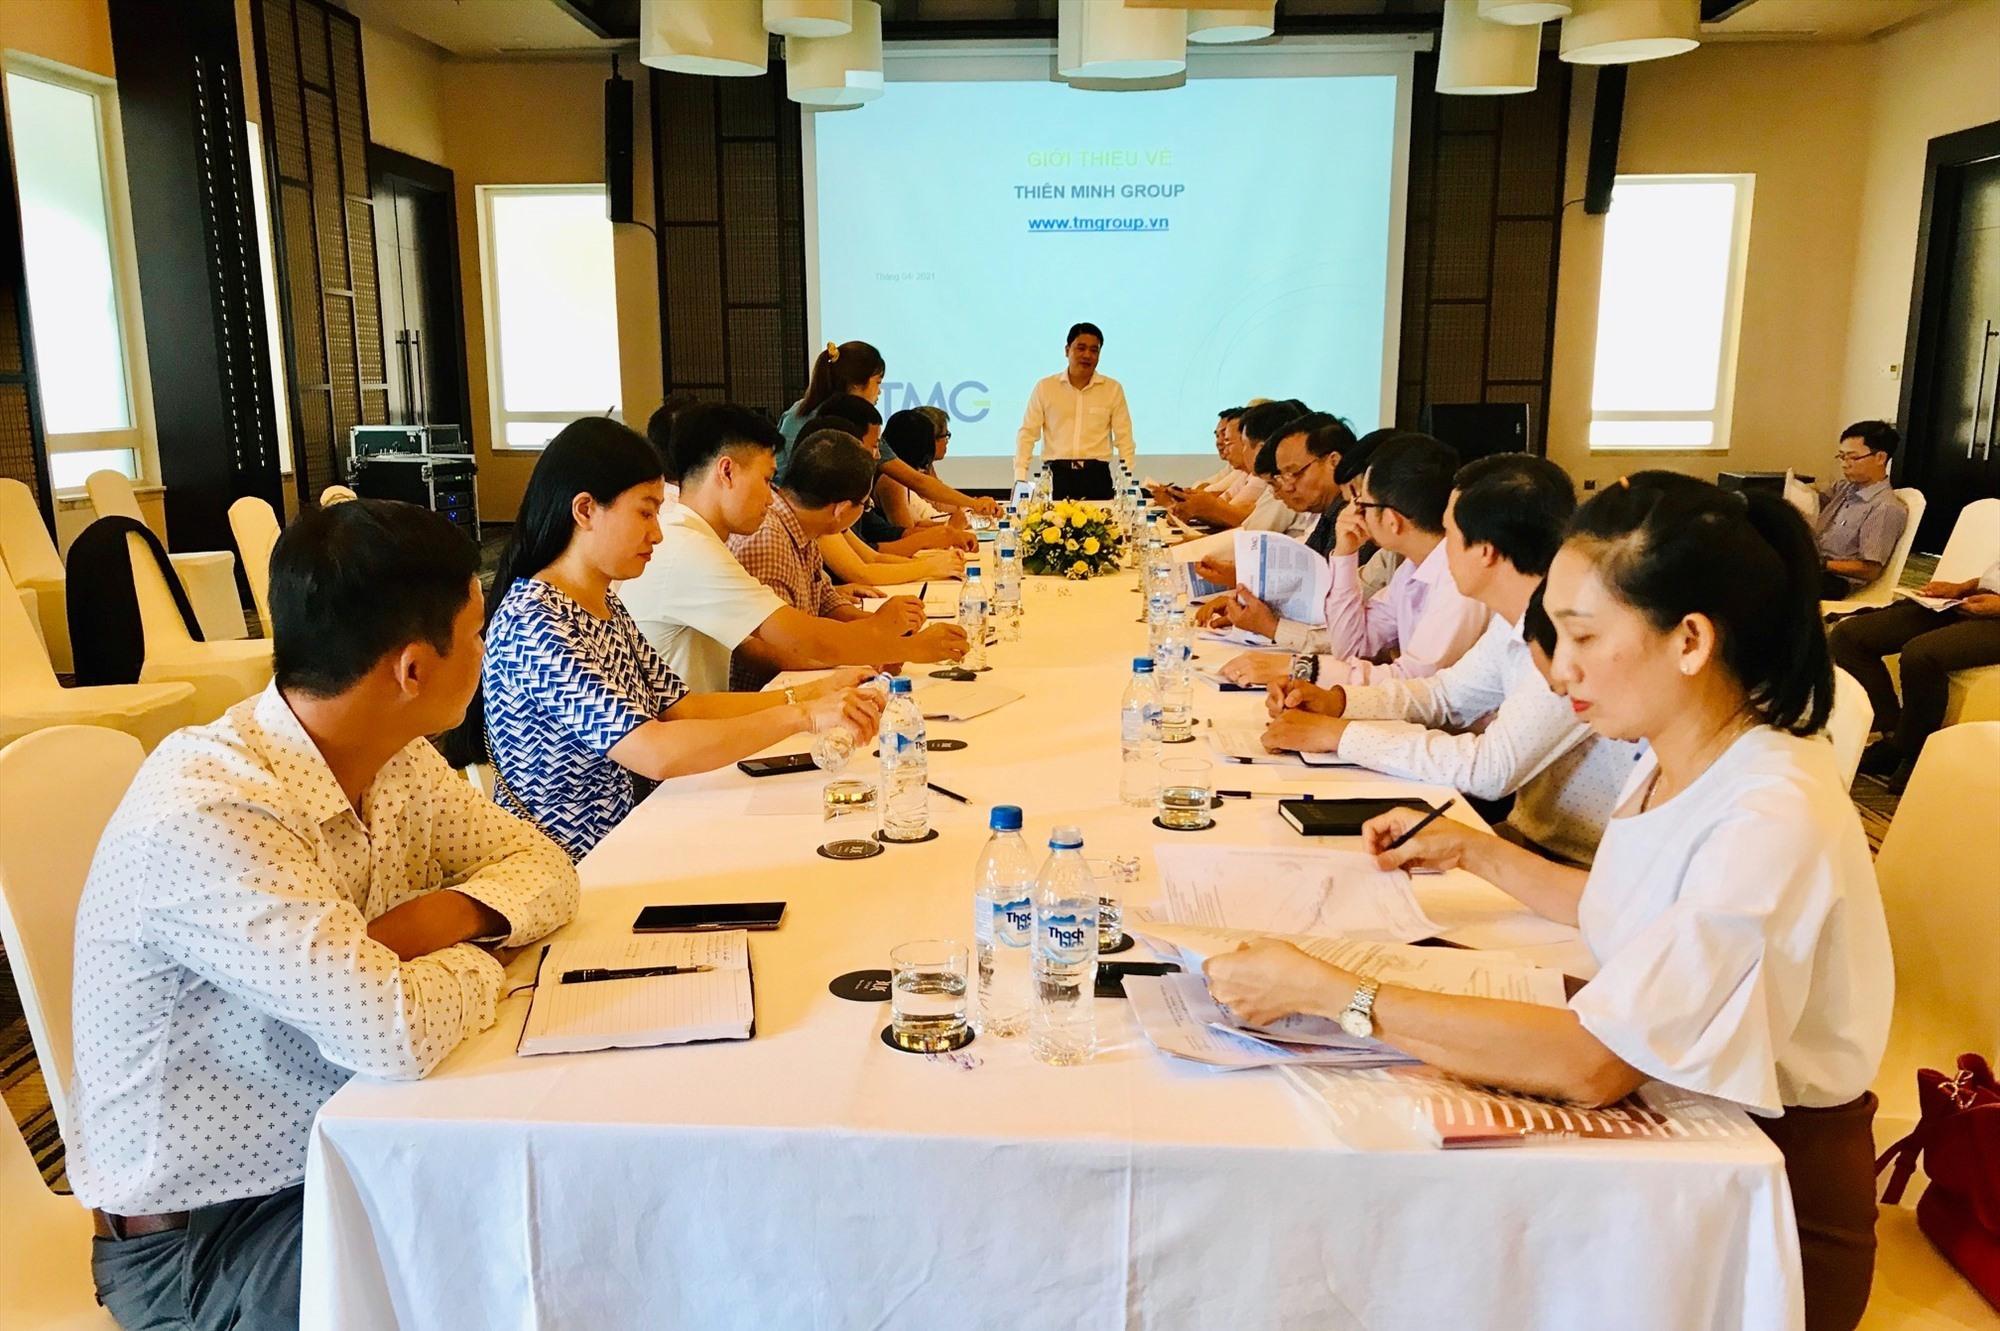 Phó Chủ tịch UBND tỉnh Trần Văn Tân đề nghị chủ đầu tư và chính quyền địa phương cần tích cực phối hợp hơn nữa để tháo gỡ các vướng mắc. Ảnh: Q.T